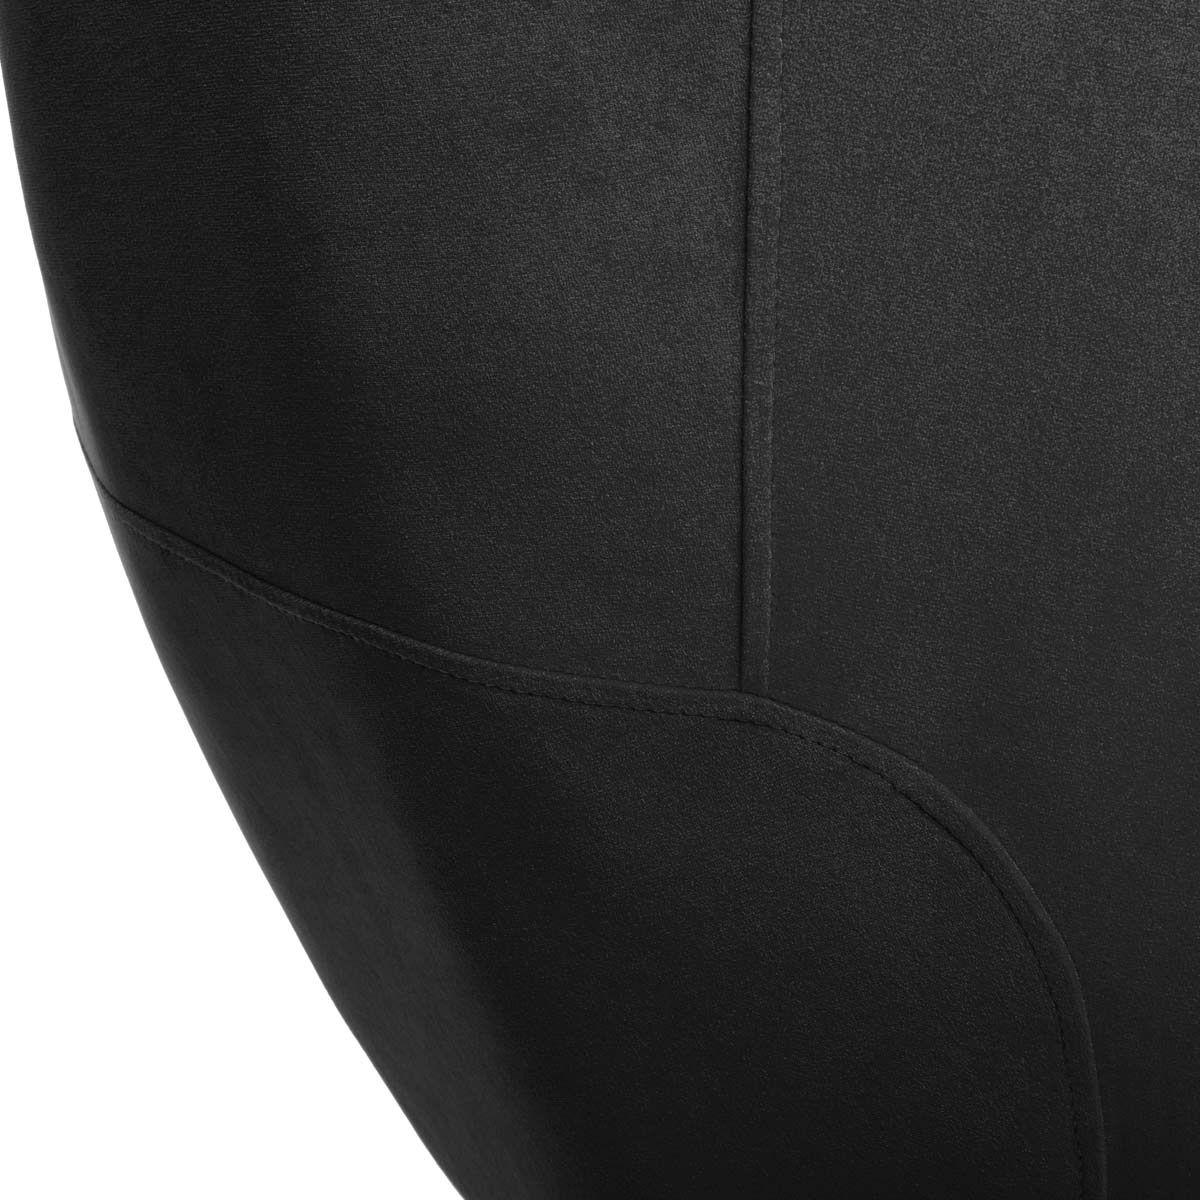 Fauteuil en velours plissé noir